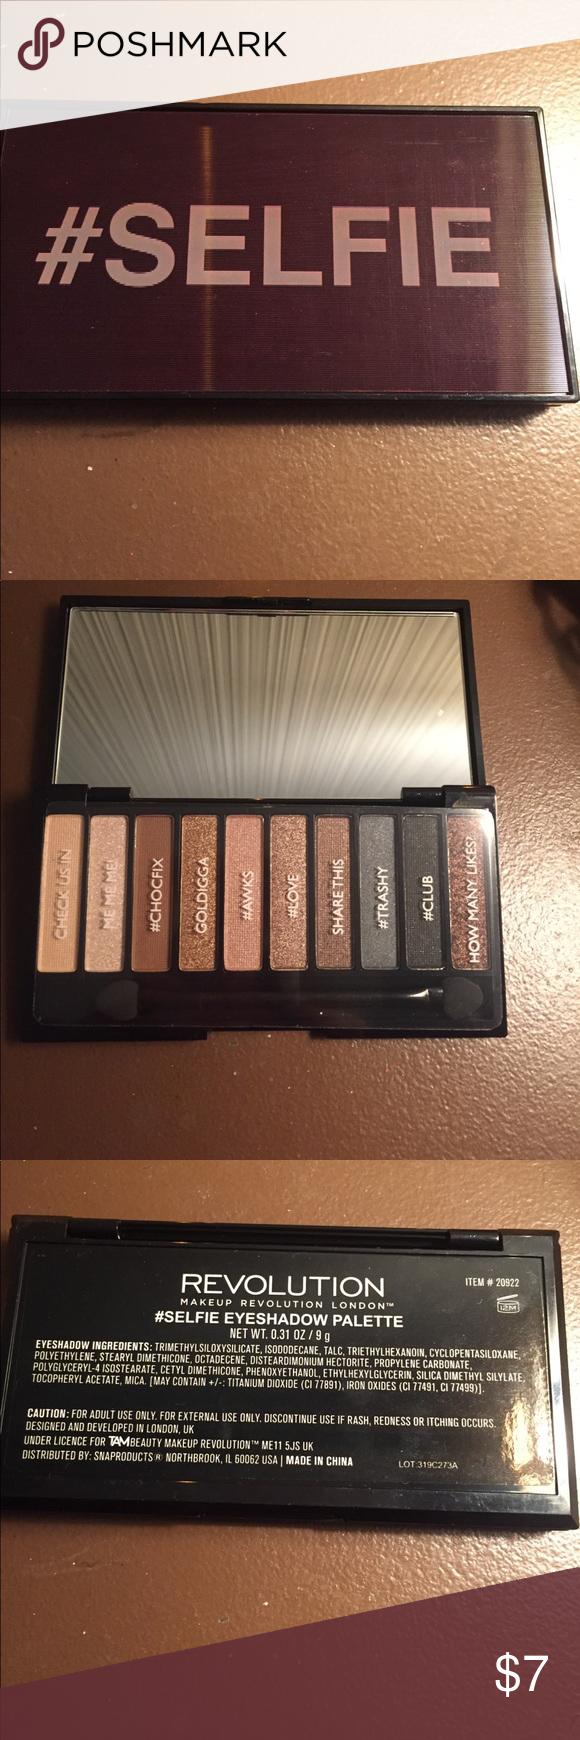 selfie eyeshadow palette Brand new, never used eyeshadow